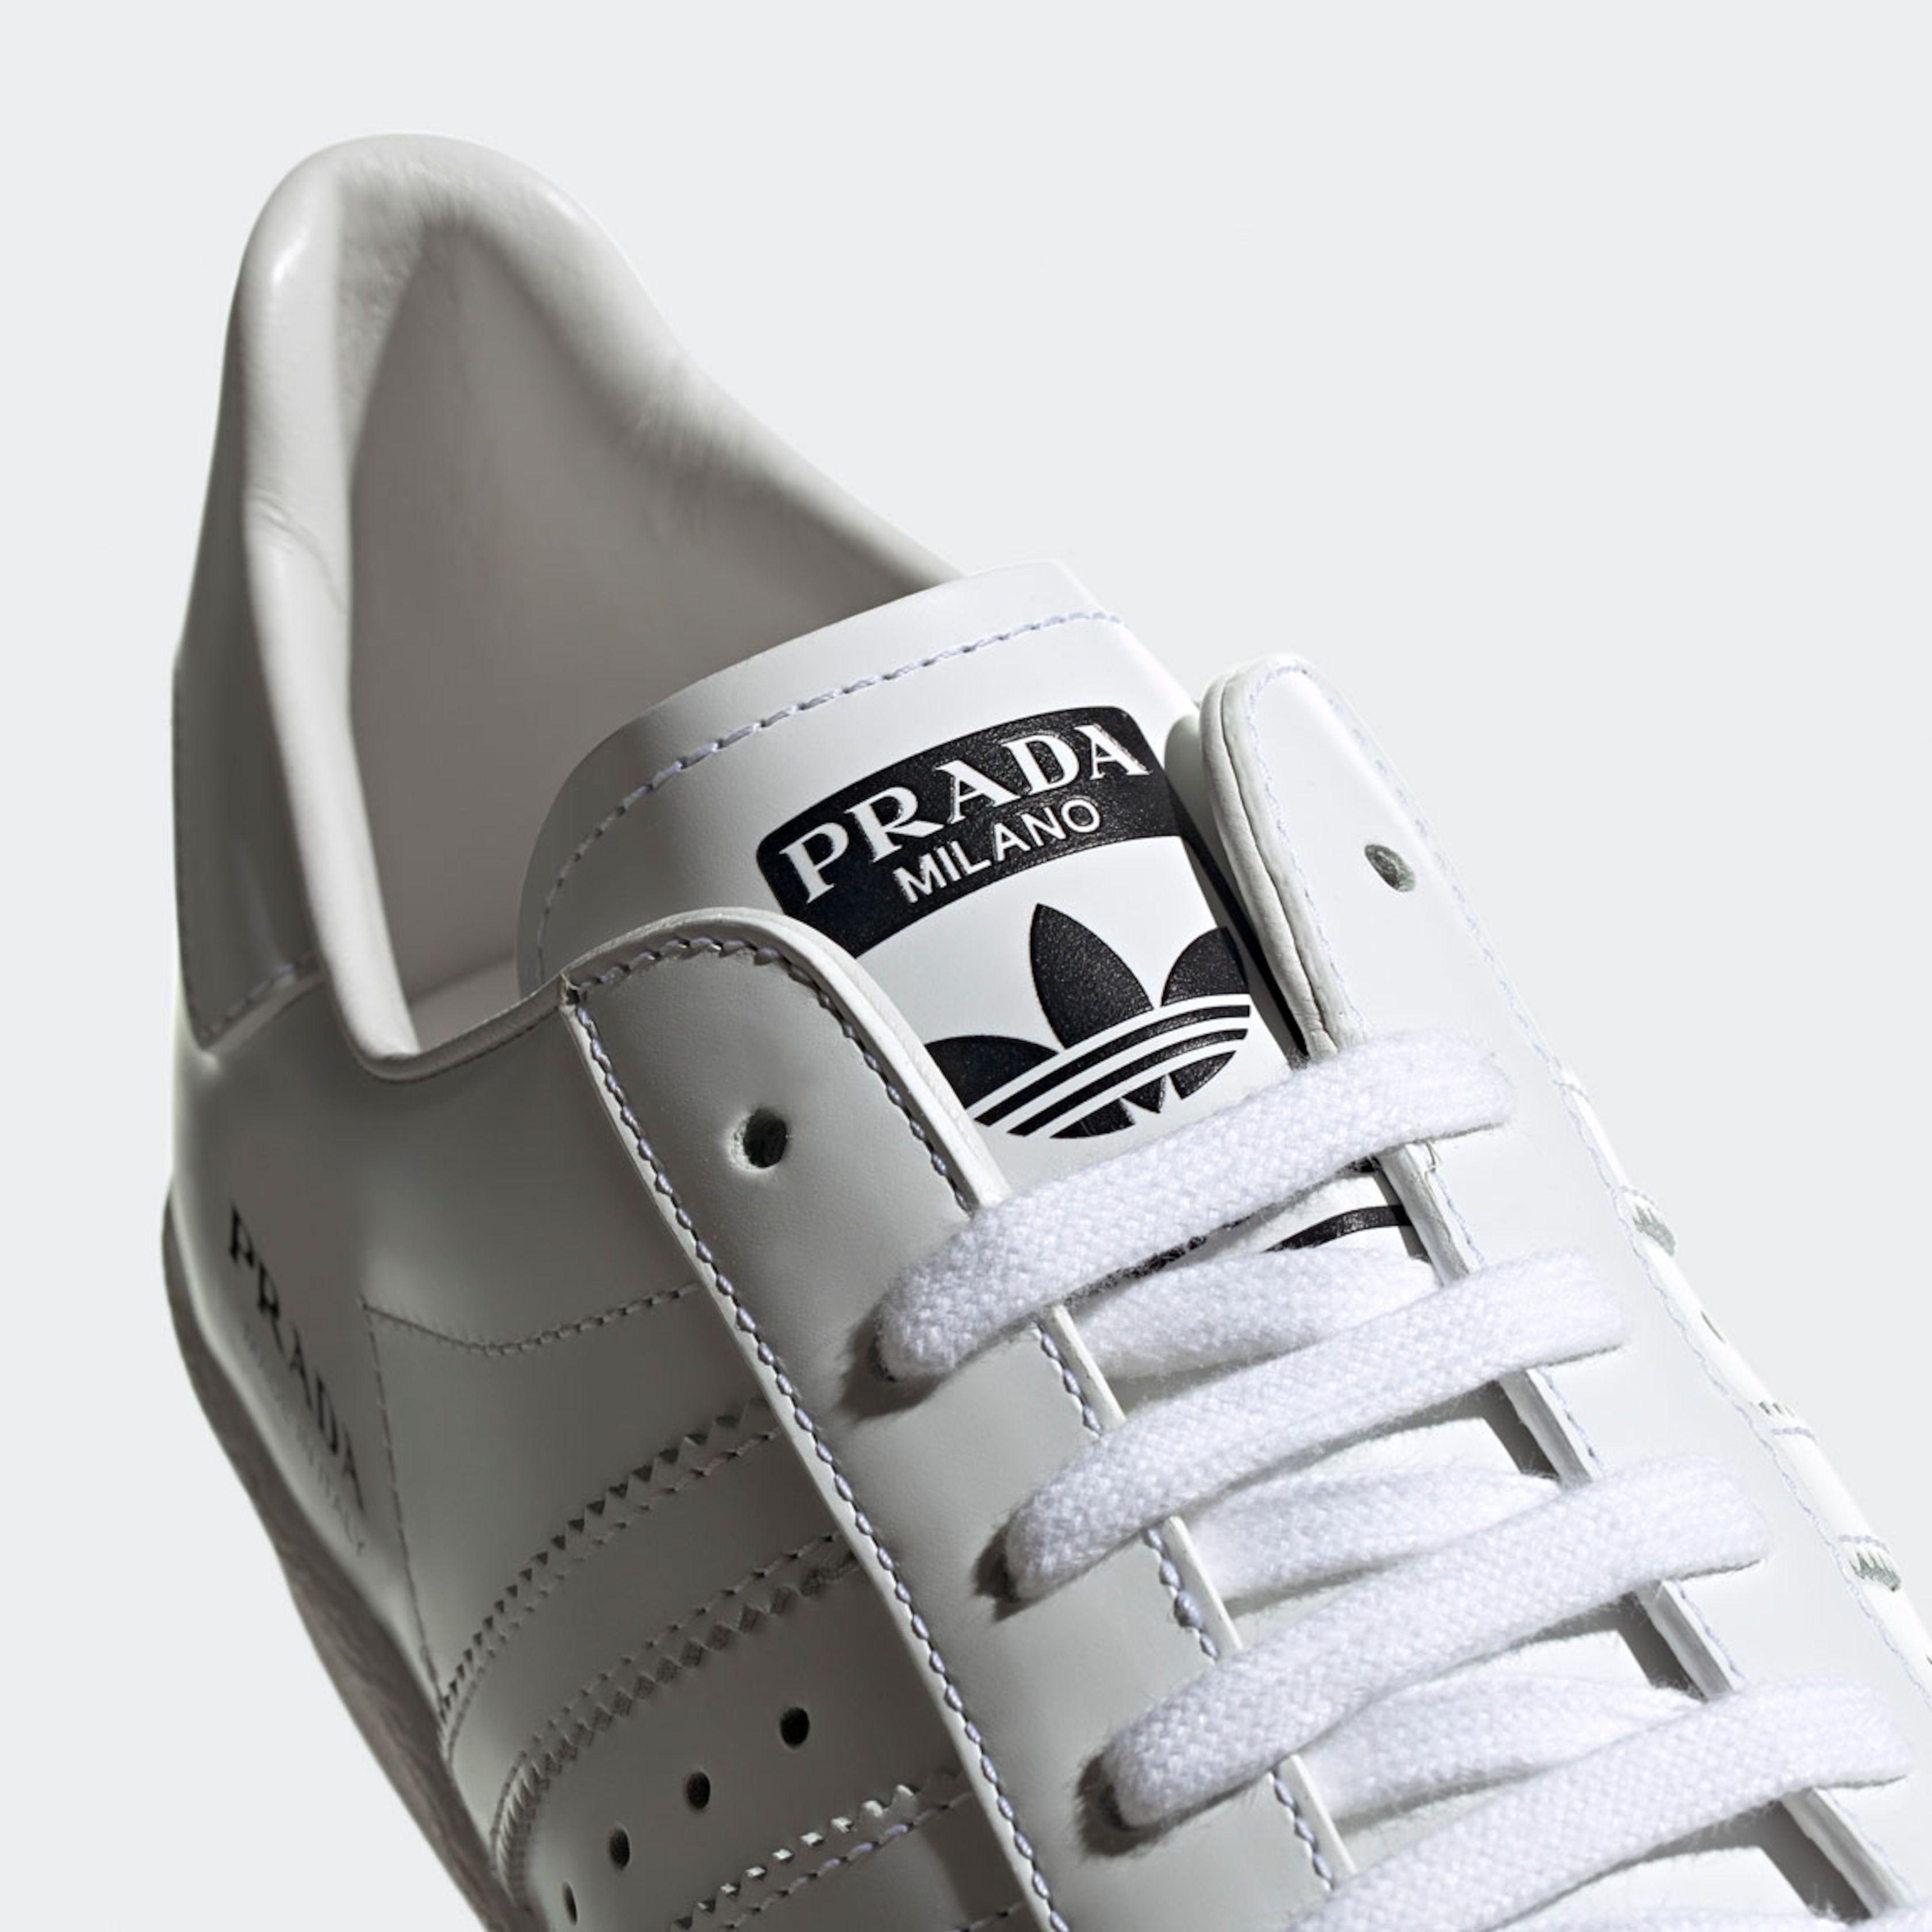 Het resultaat van de samenwerking tussen Prada en Adidas.